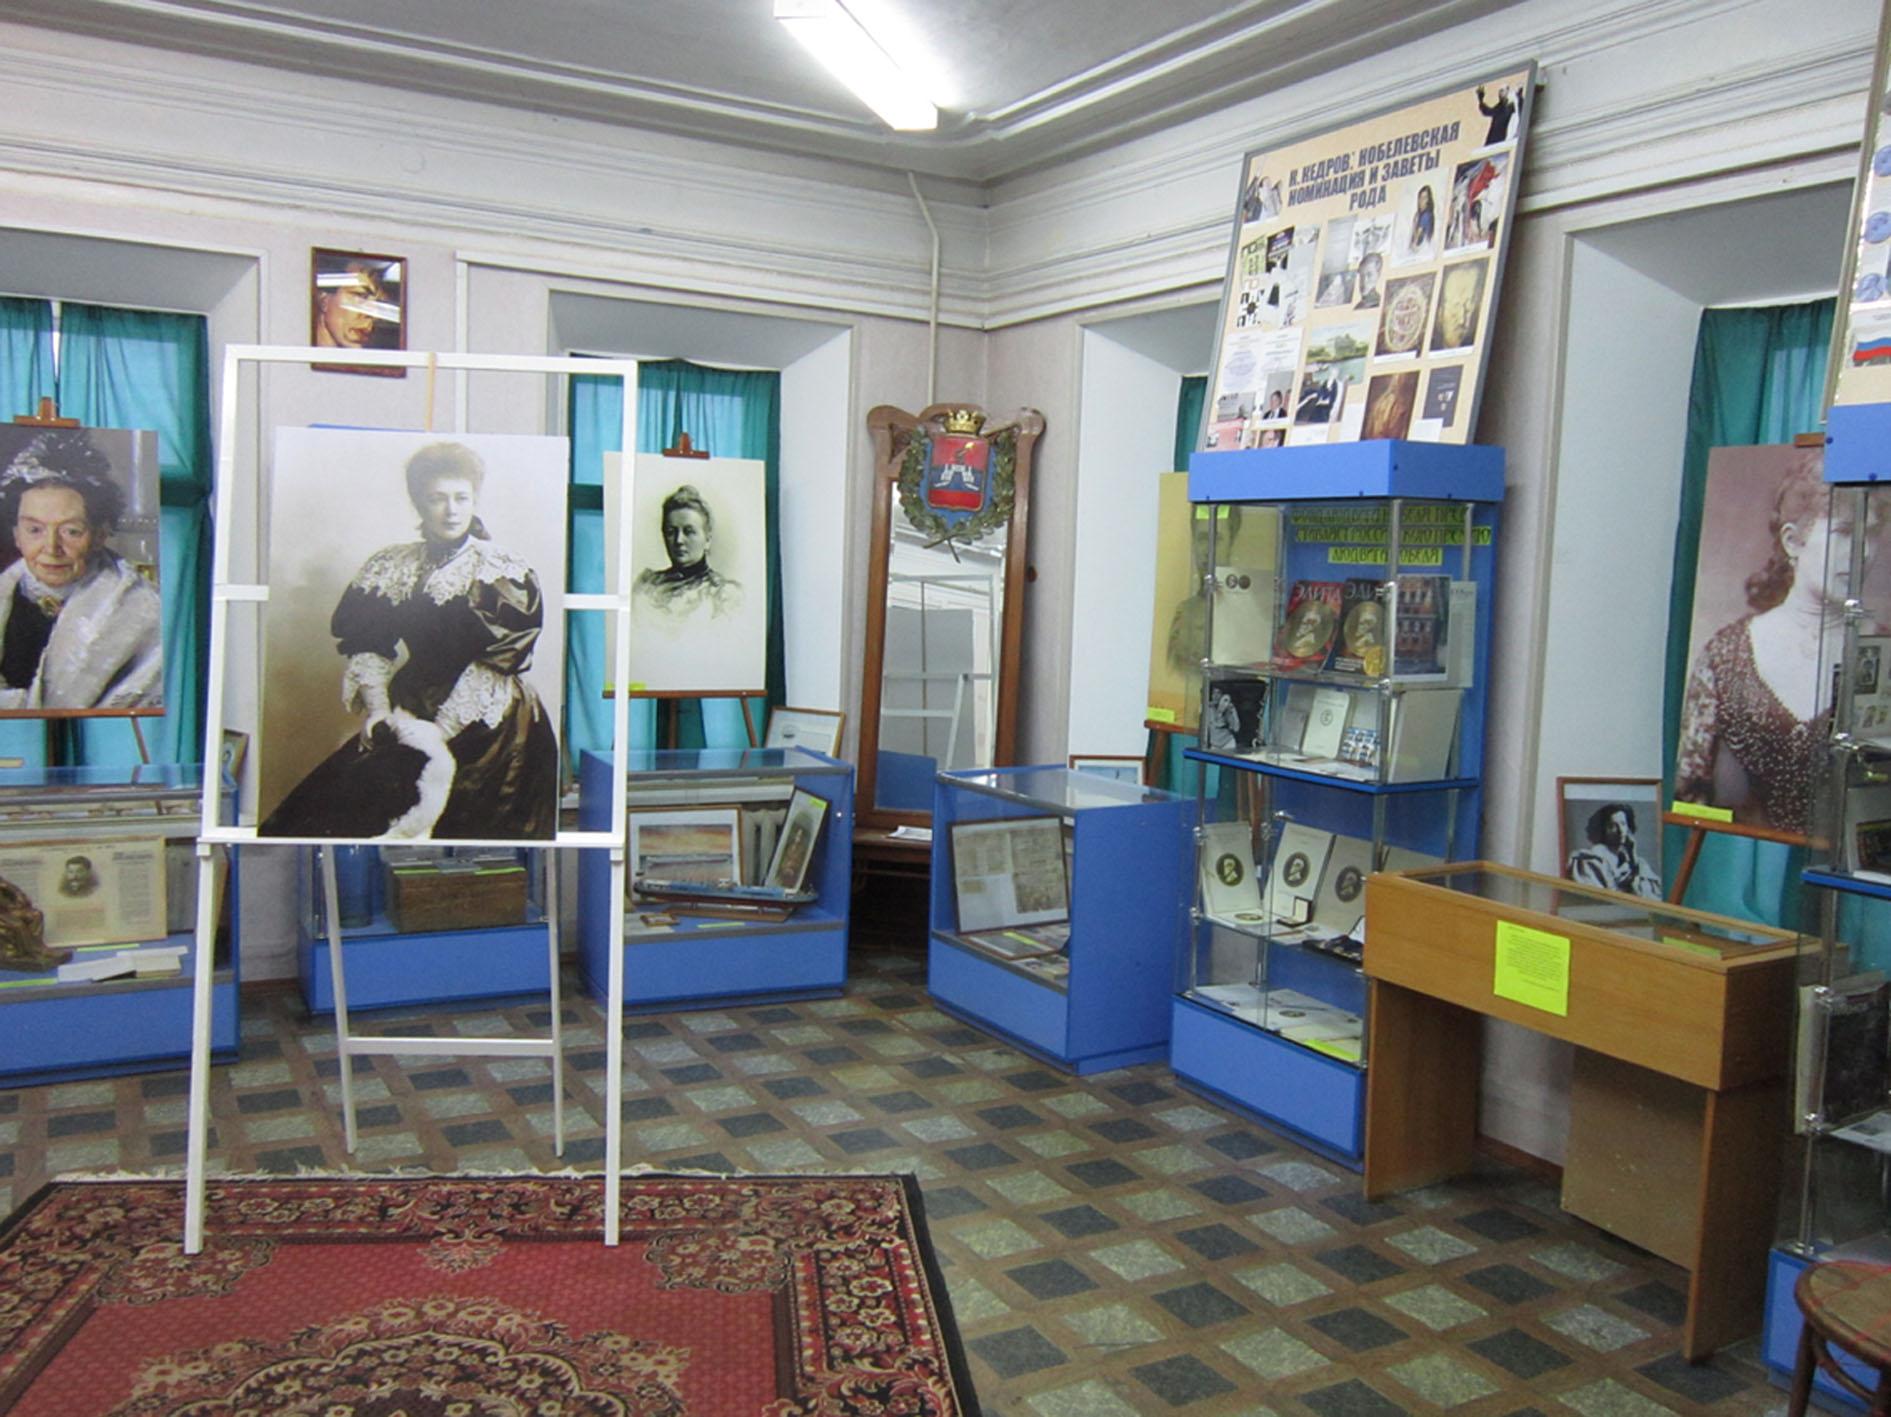 Интерьеры Музея «Нобели и нобелевское движение»